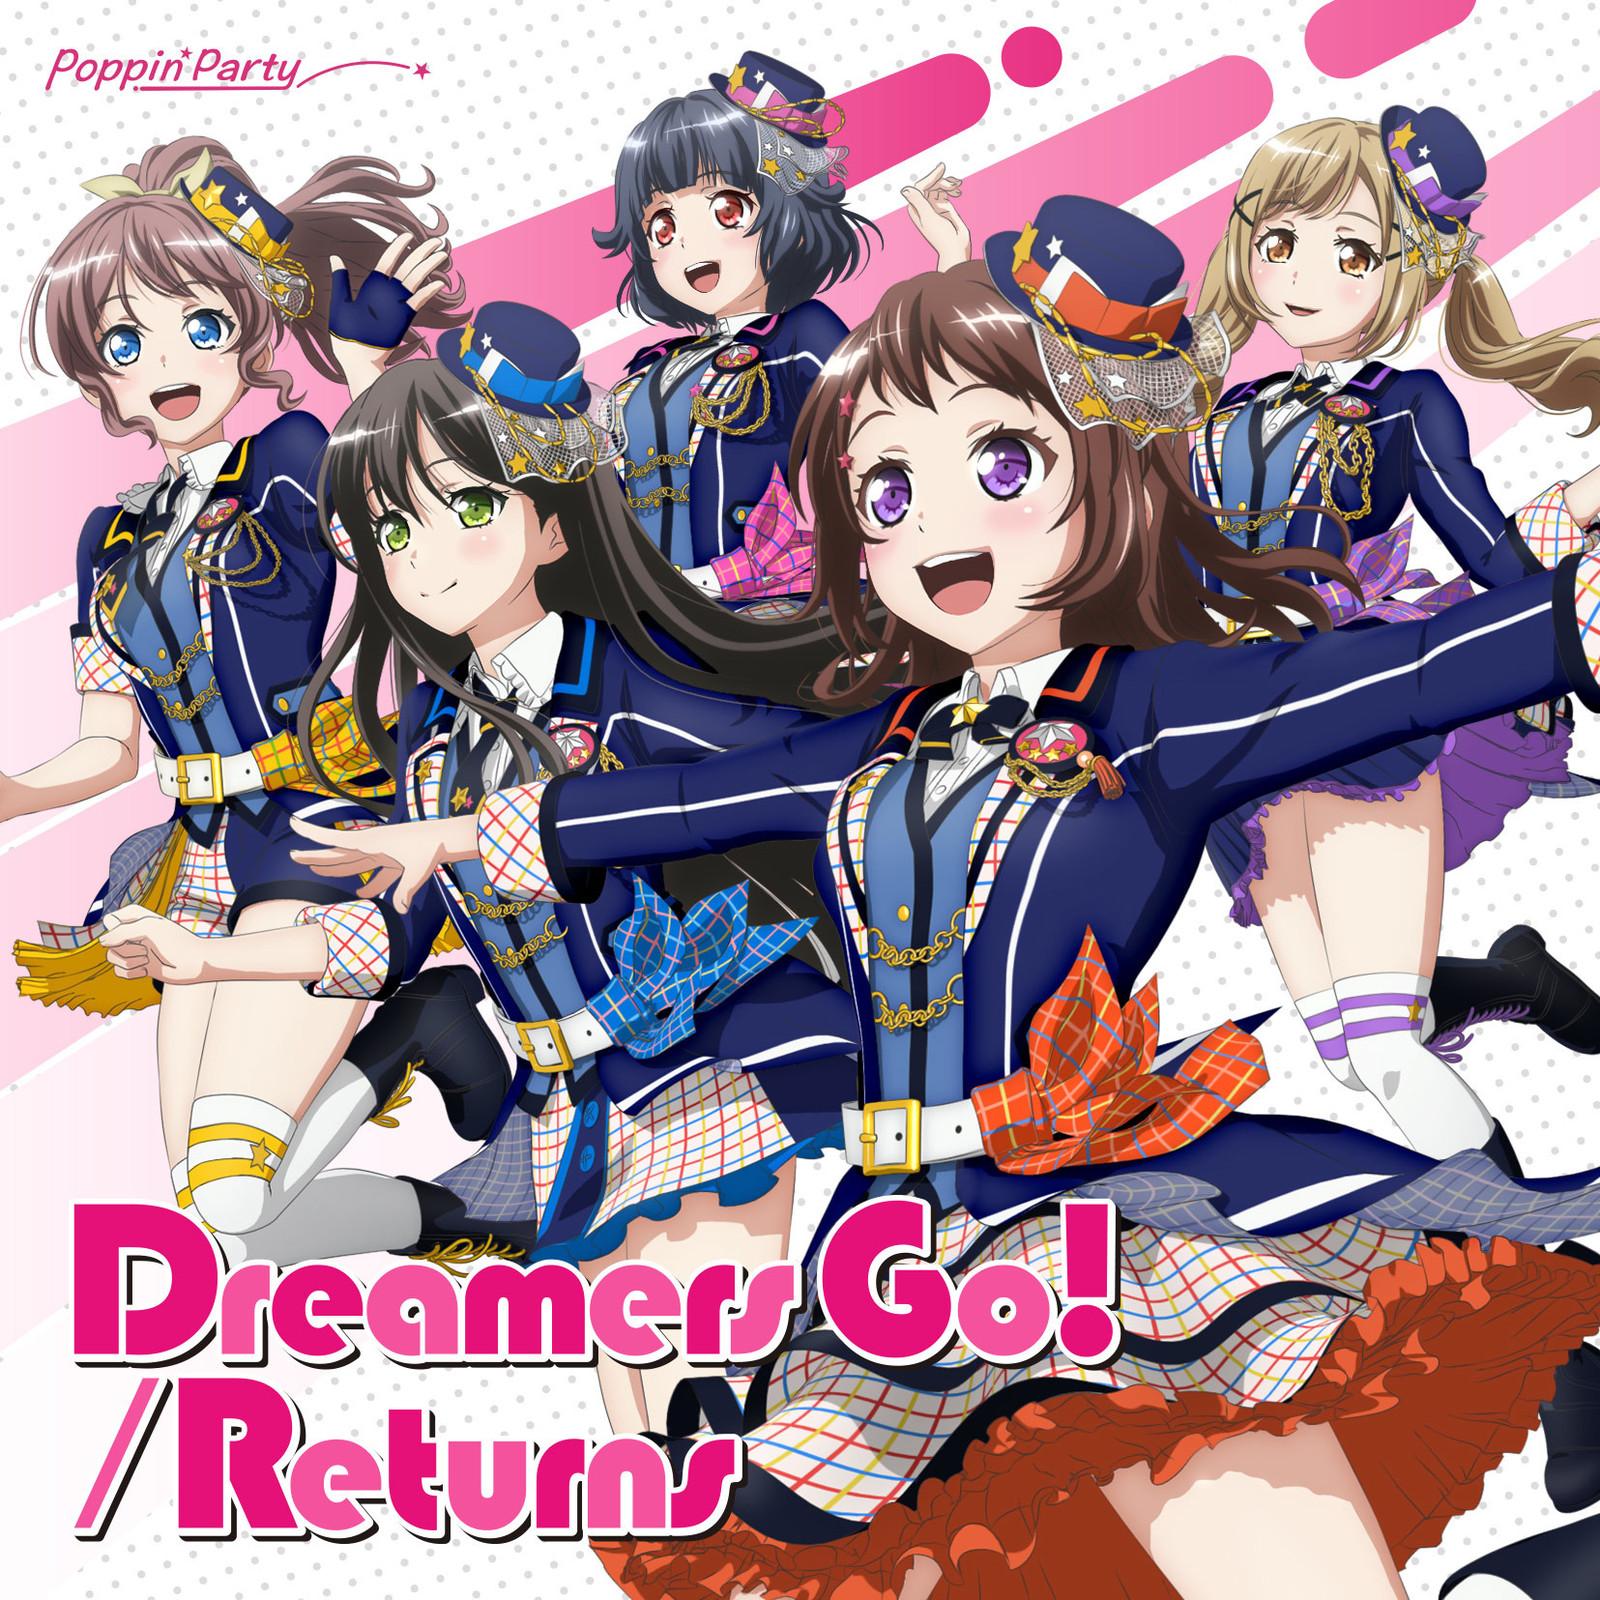 Dreamers Go! / Returns